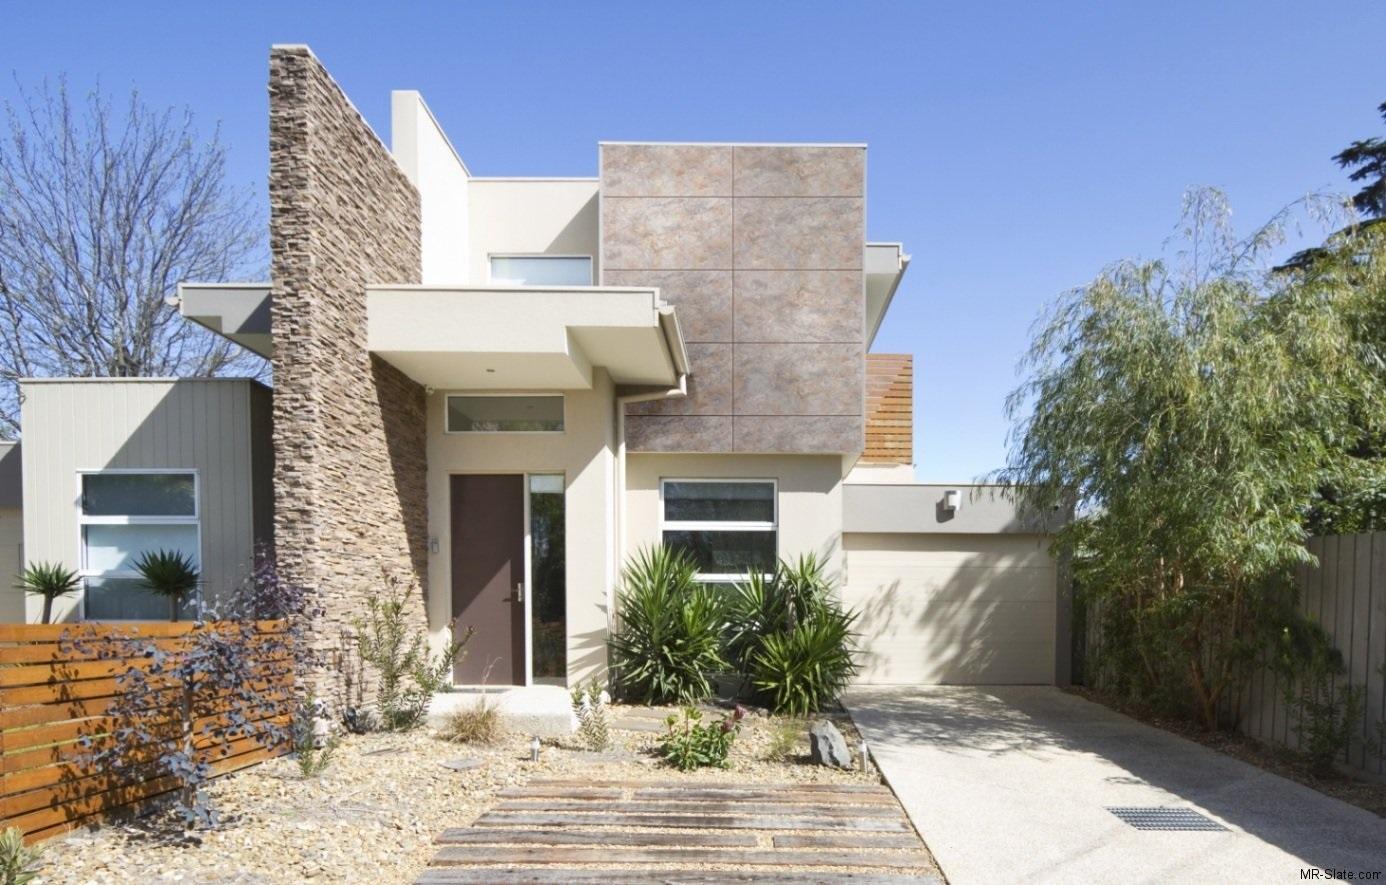 Muros de casas modernas encontre fotos e lindos modelos - Fotos casas bonitas ...